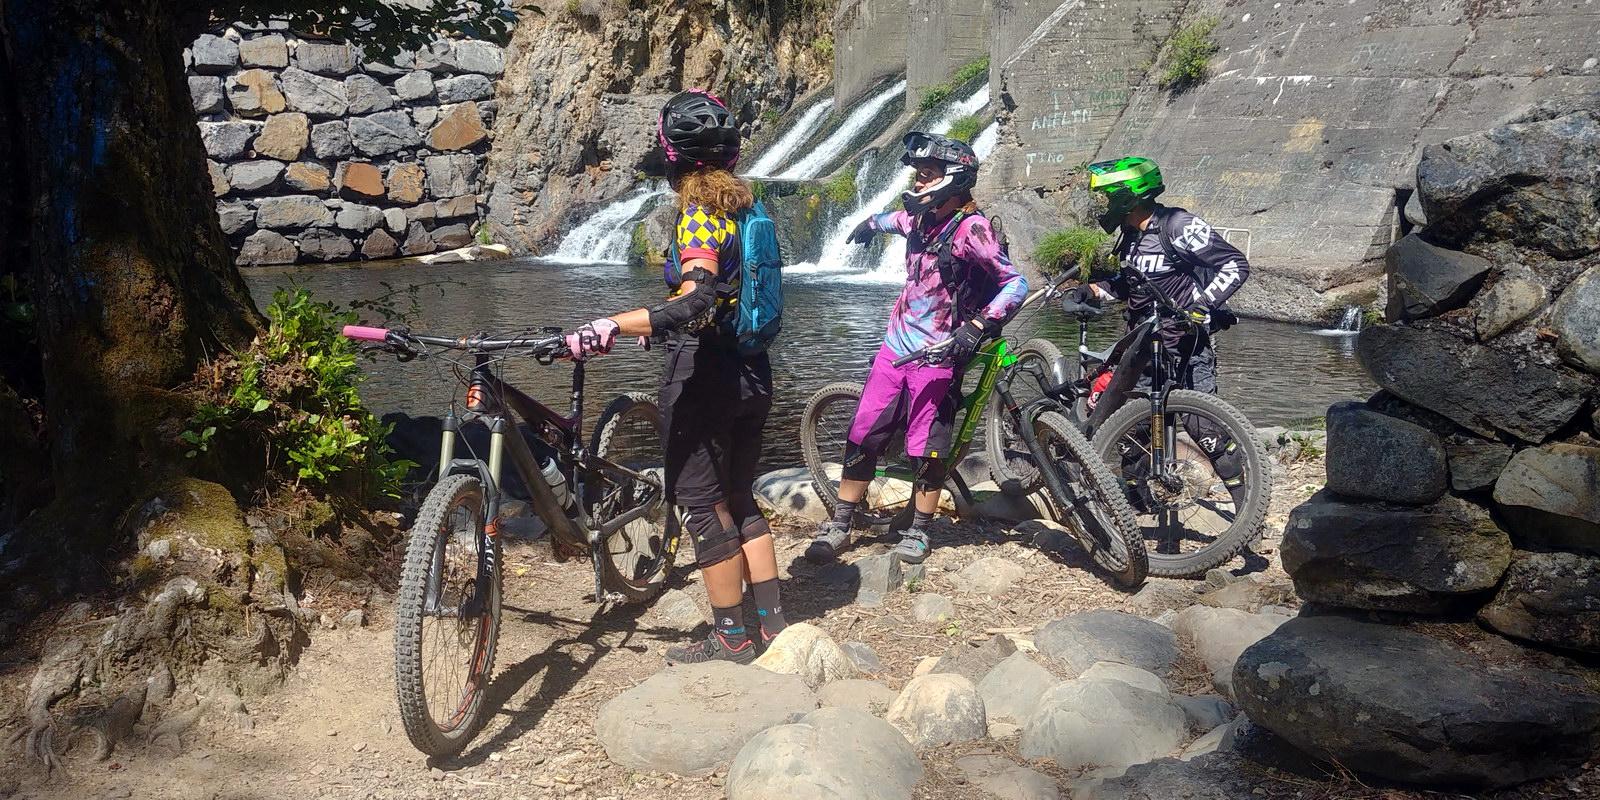 Alquiler de bicicletas eléctricas ebike mountain bike | Rutas con playa fluvial zonas de baño en El Bierzo